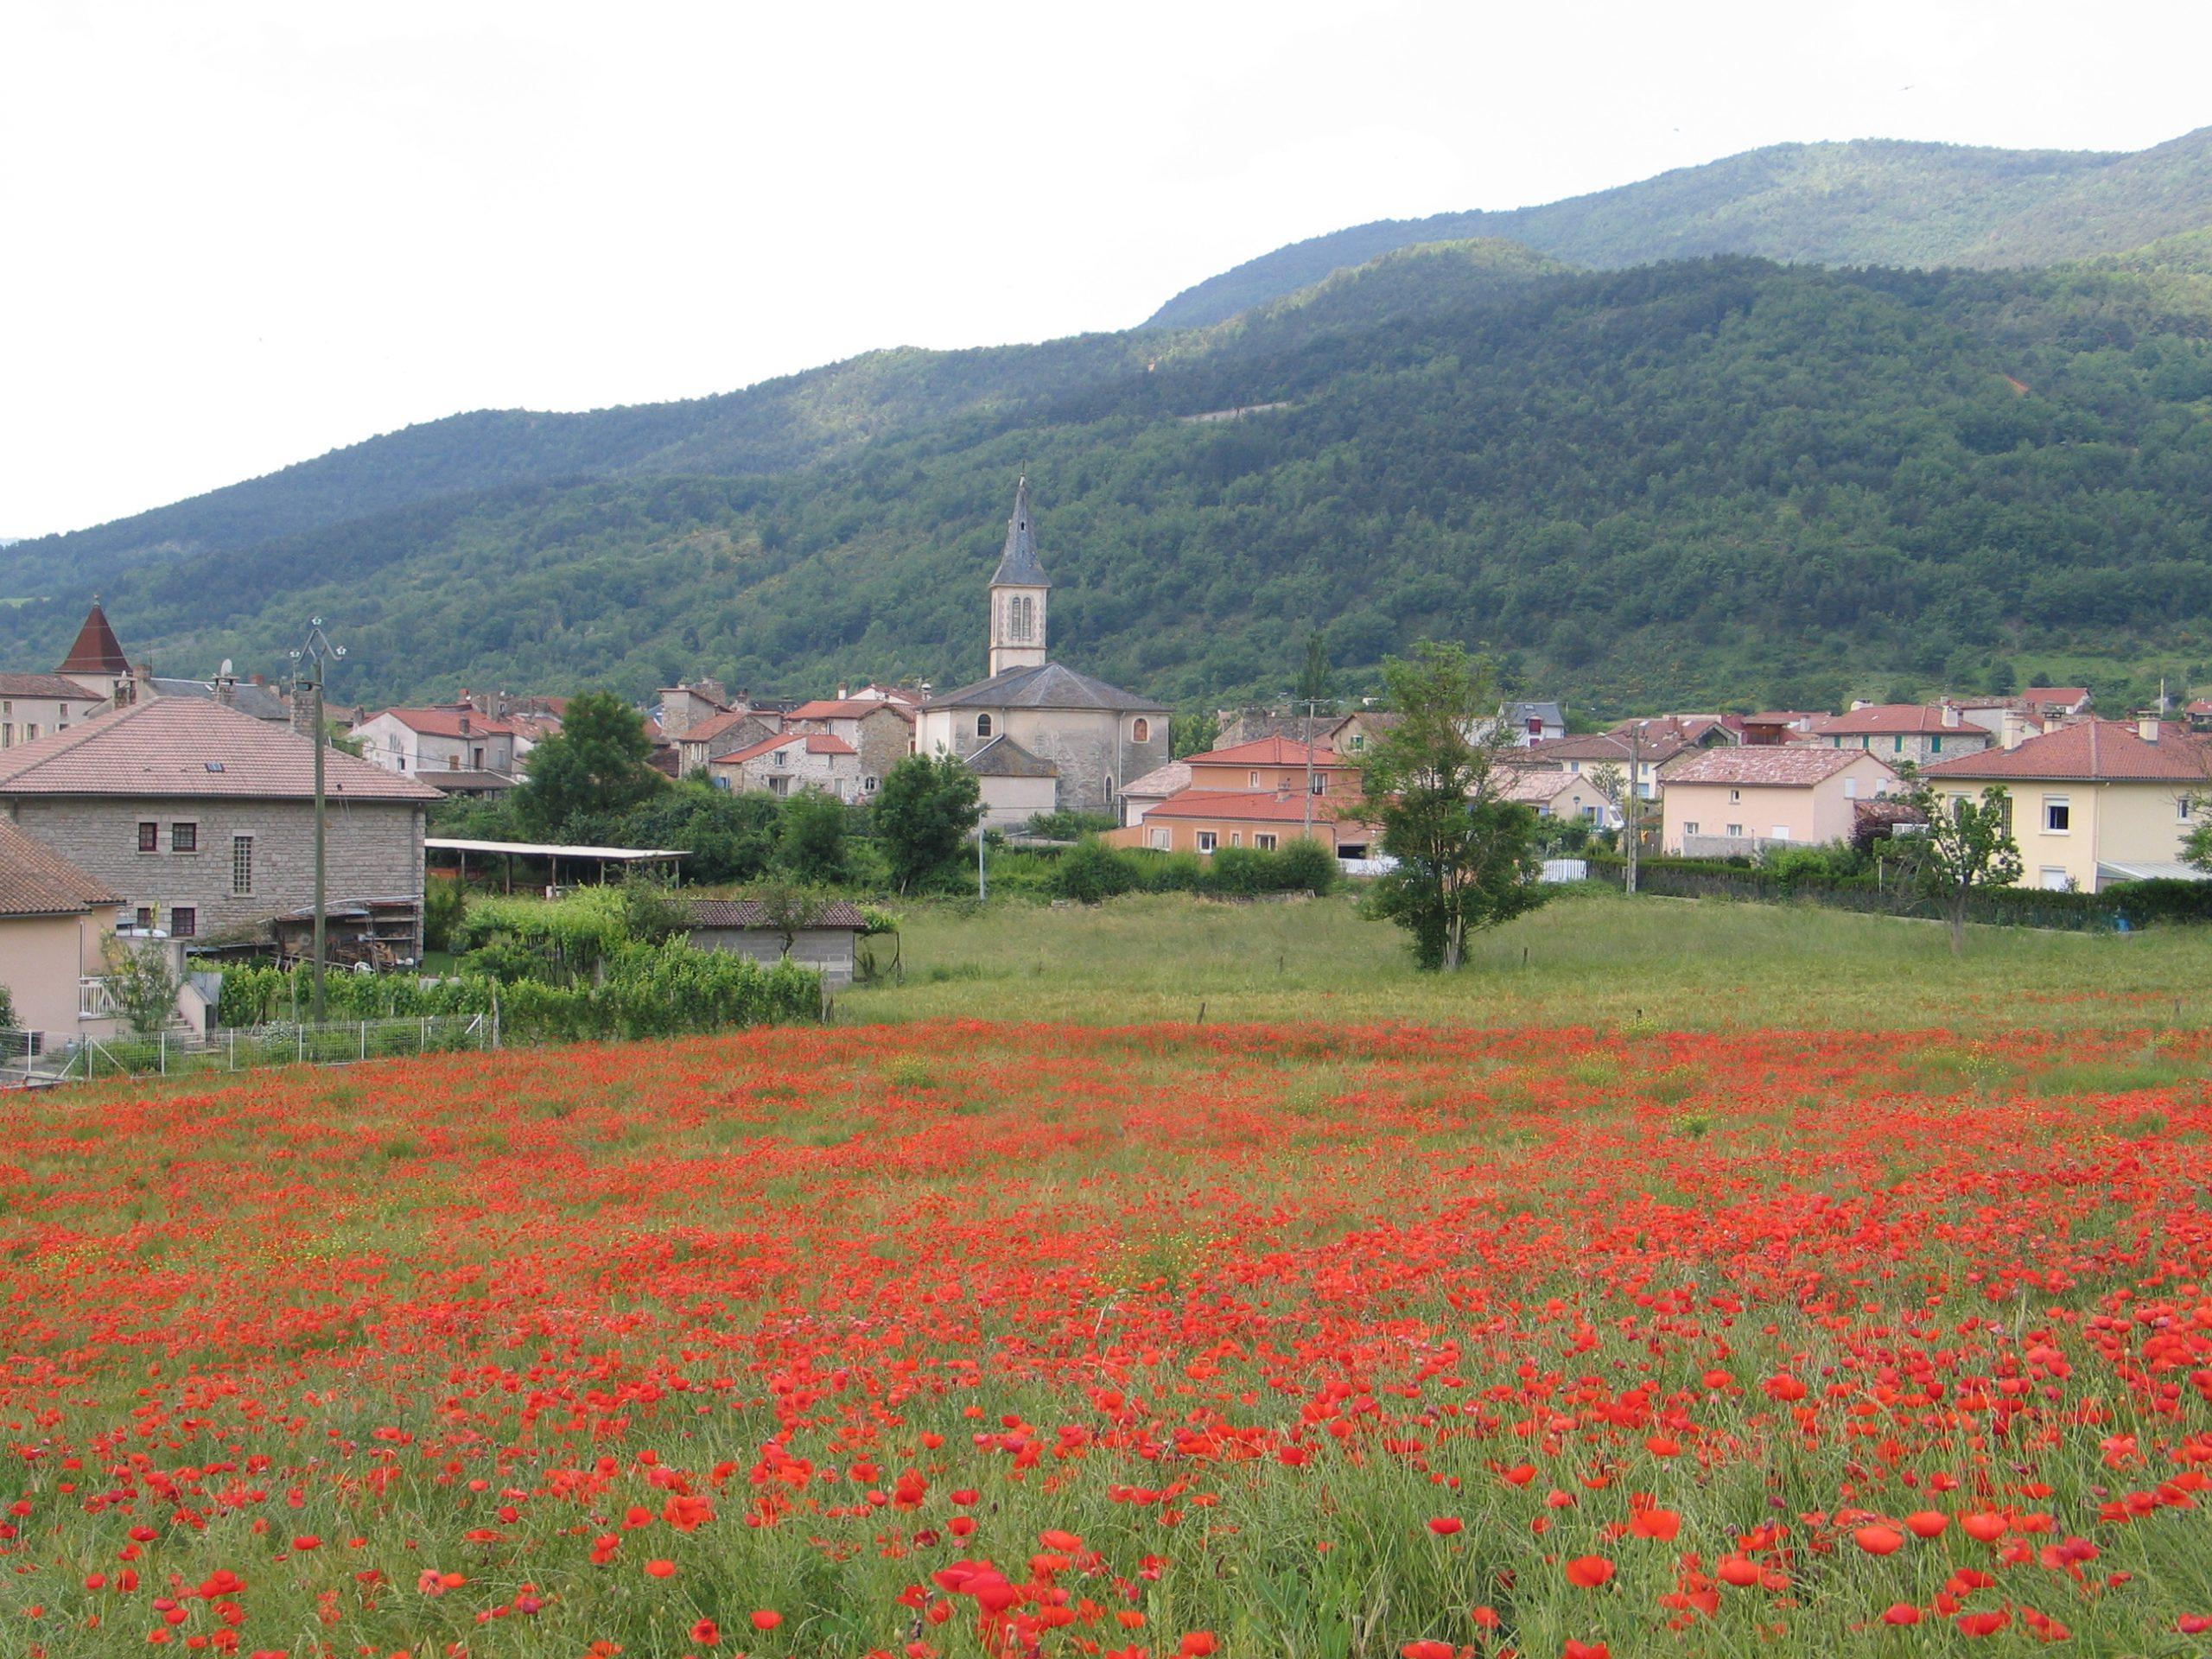 Village Rivière-sur-Tarn